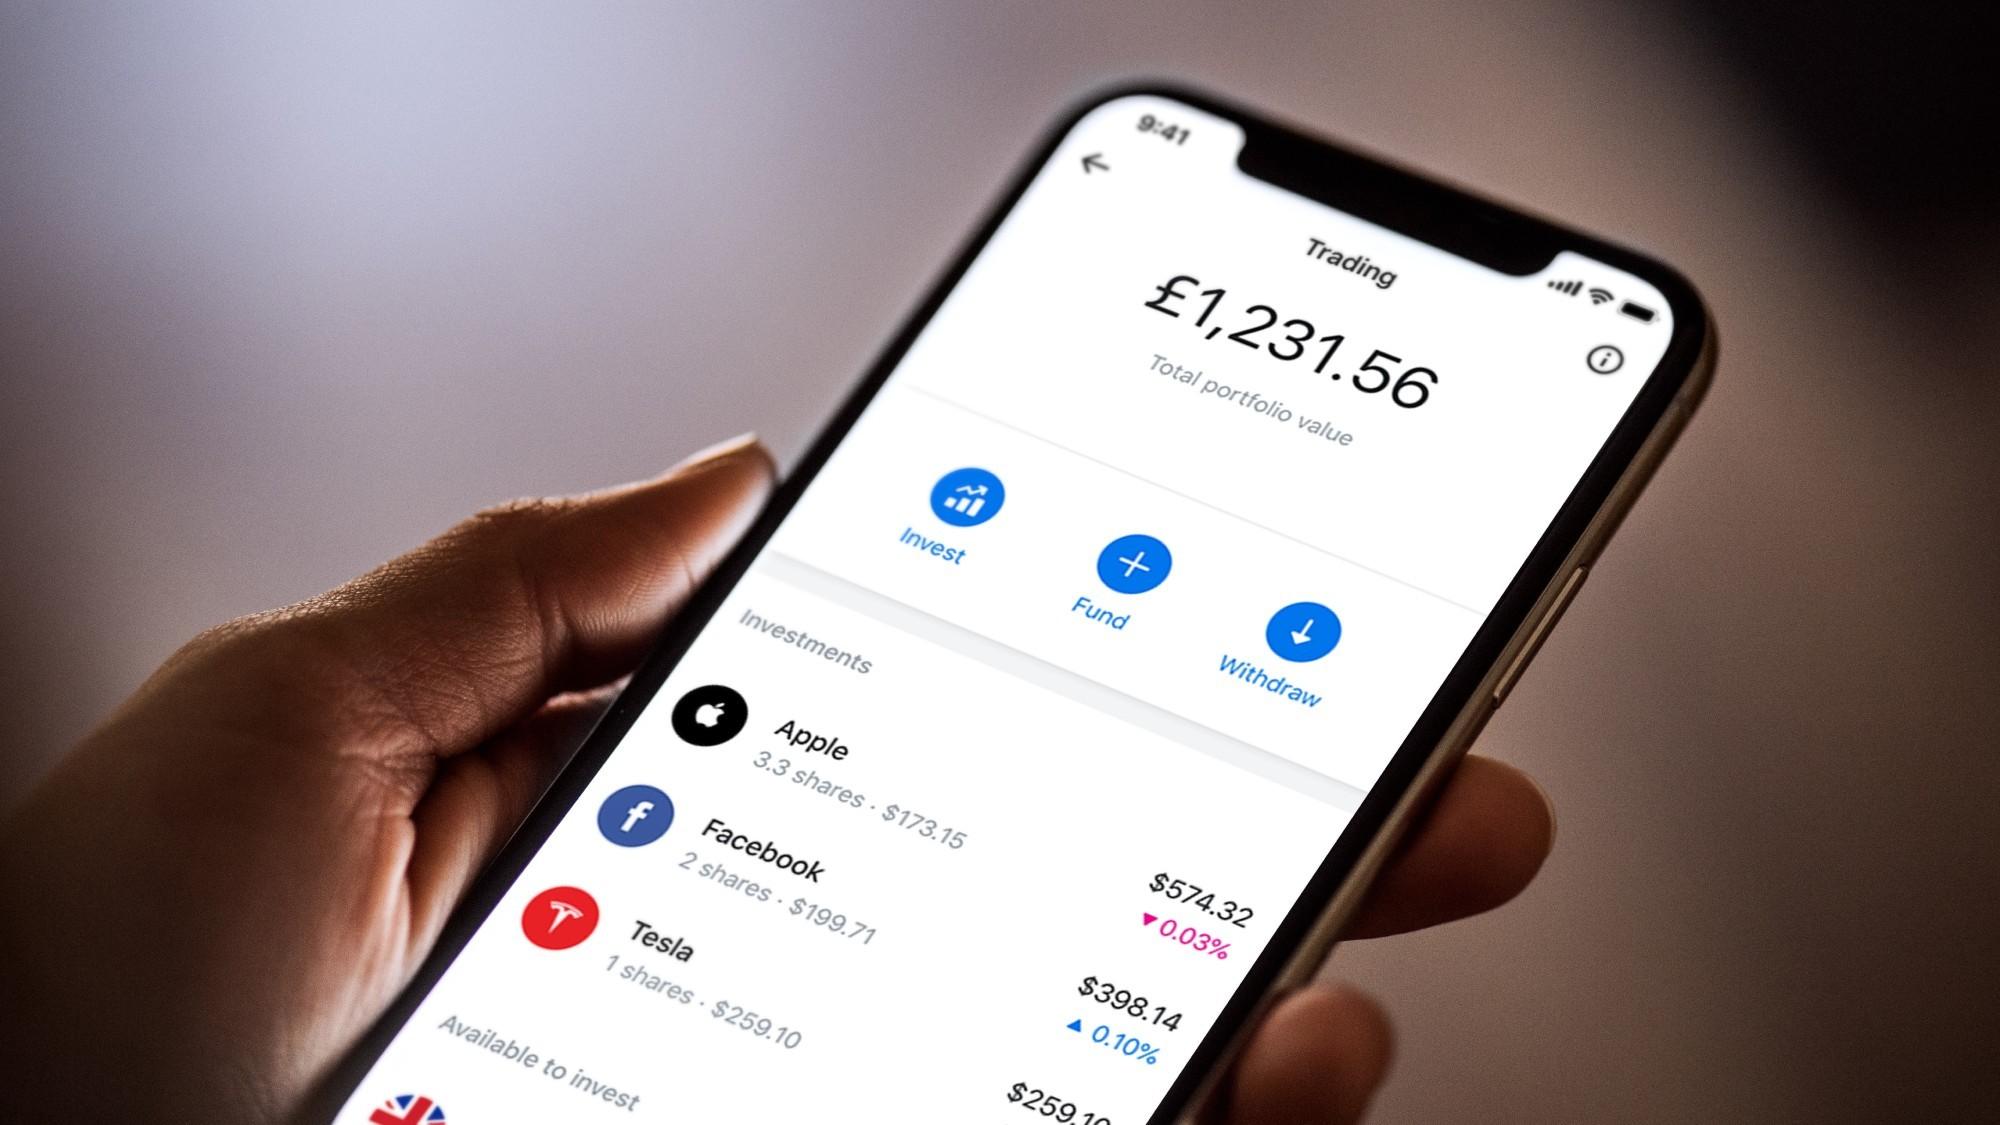 strategie de opțiune binară 3 ore cum puteți face bani acasă pe internet